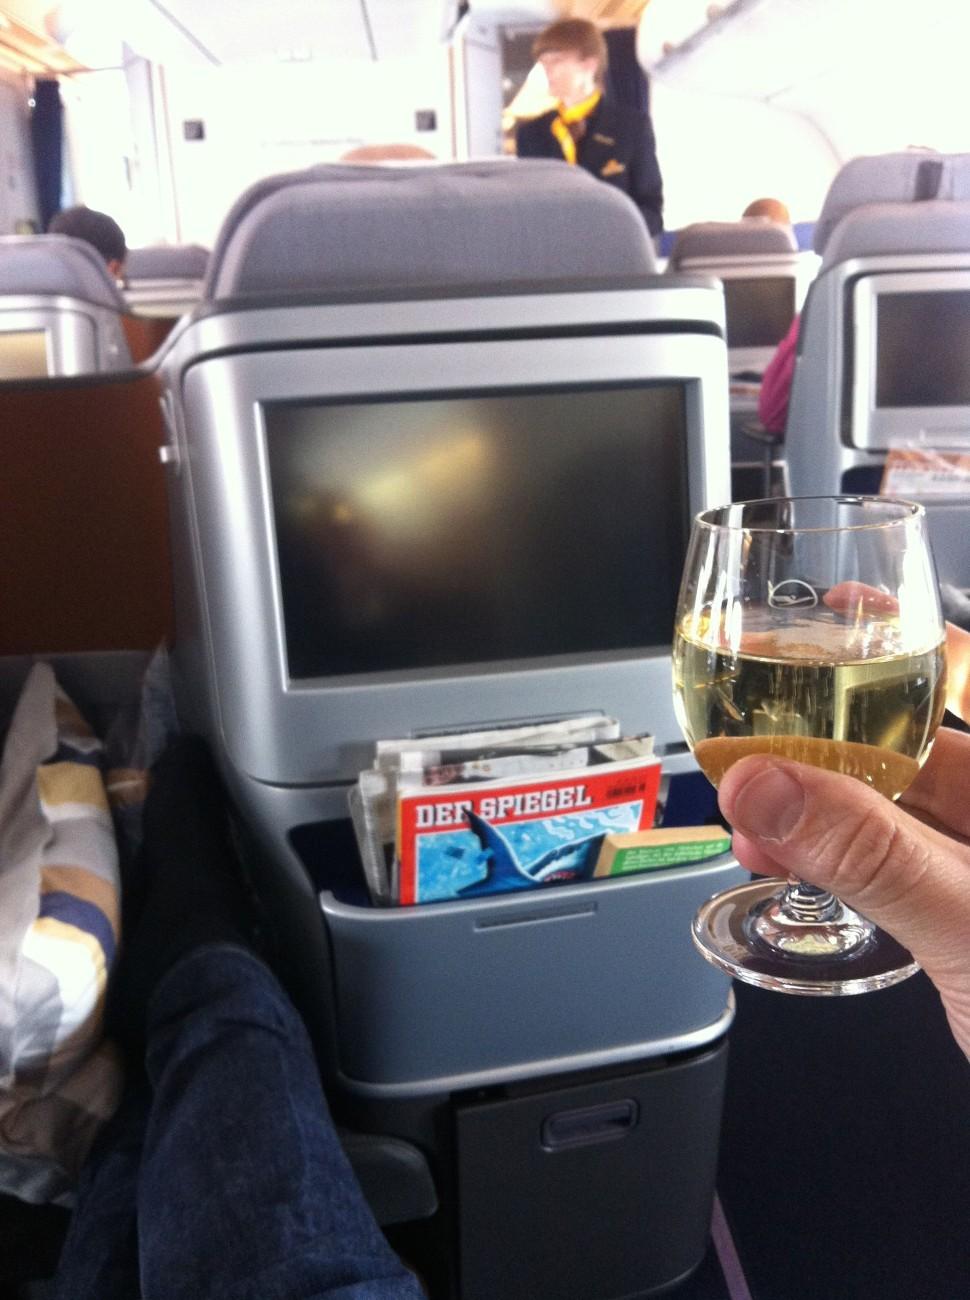 Prost Lufthansa, Deine Business Class mag schön sein, aber Deine Vielfliegerkarte habe ich in den Müll geschmissen